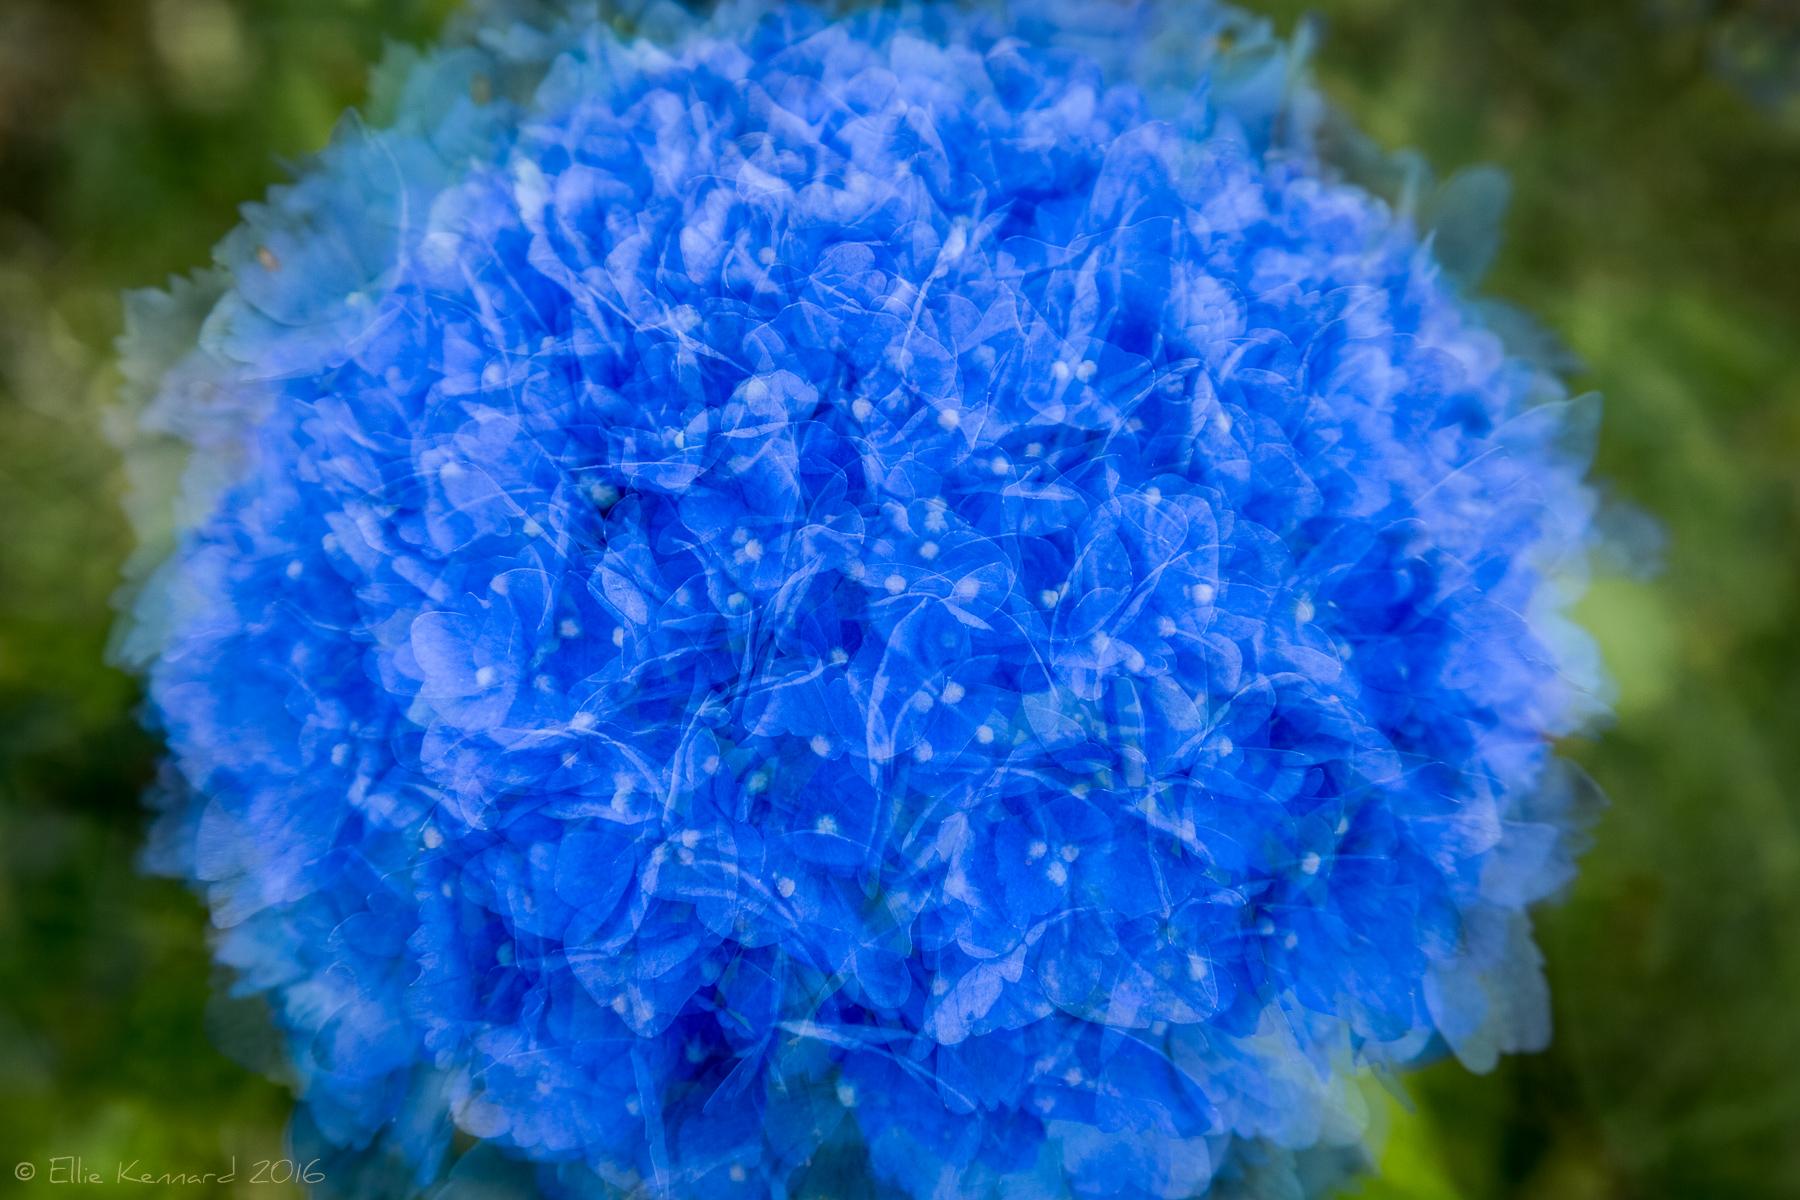 Blue Hydrangea summer posy - Ellie Kennard 2016